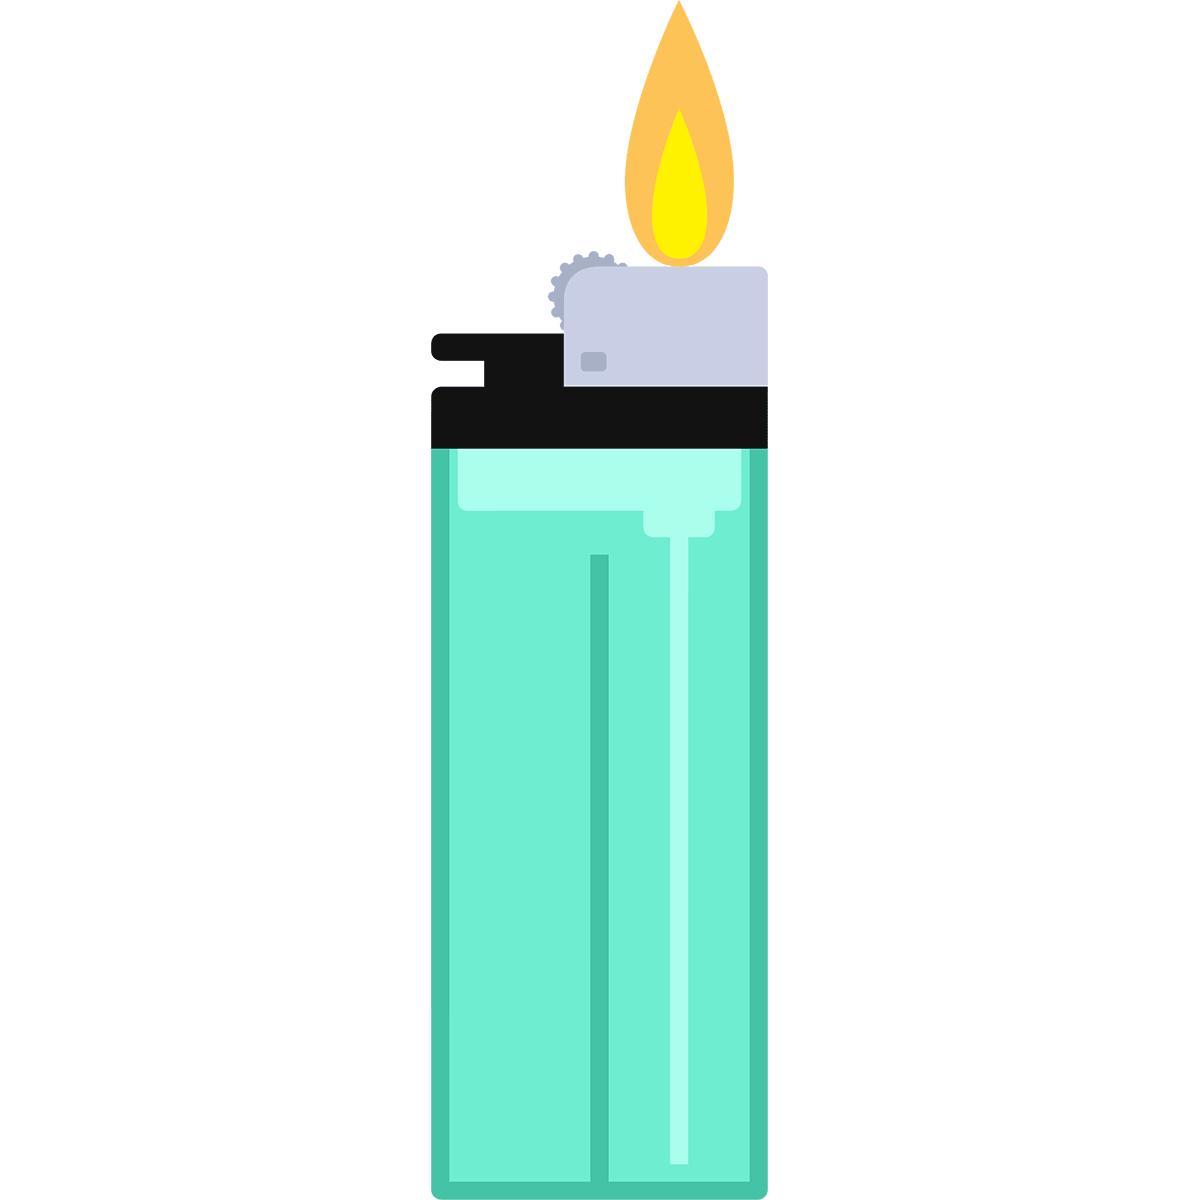 火のついたライターの無料イラスト